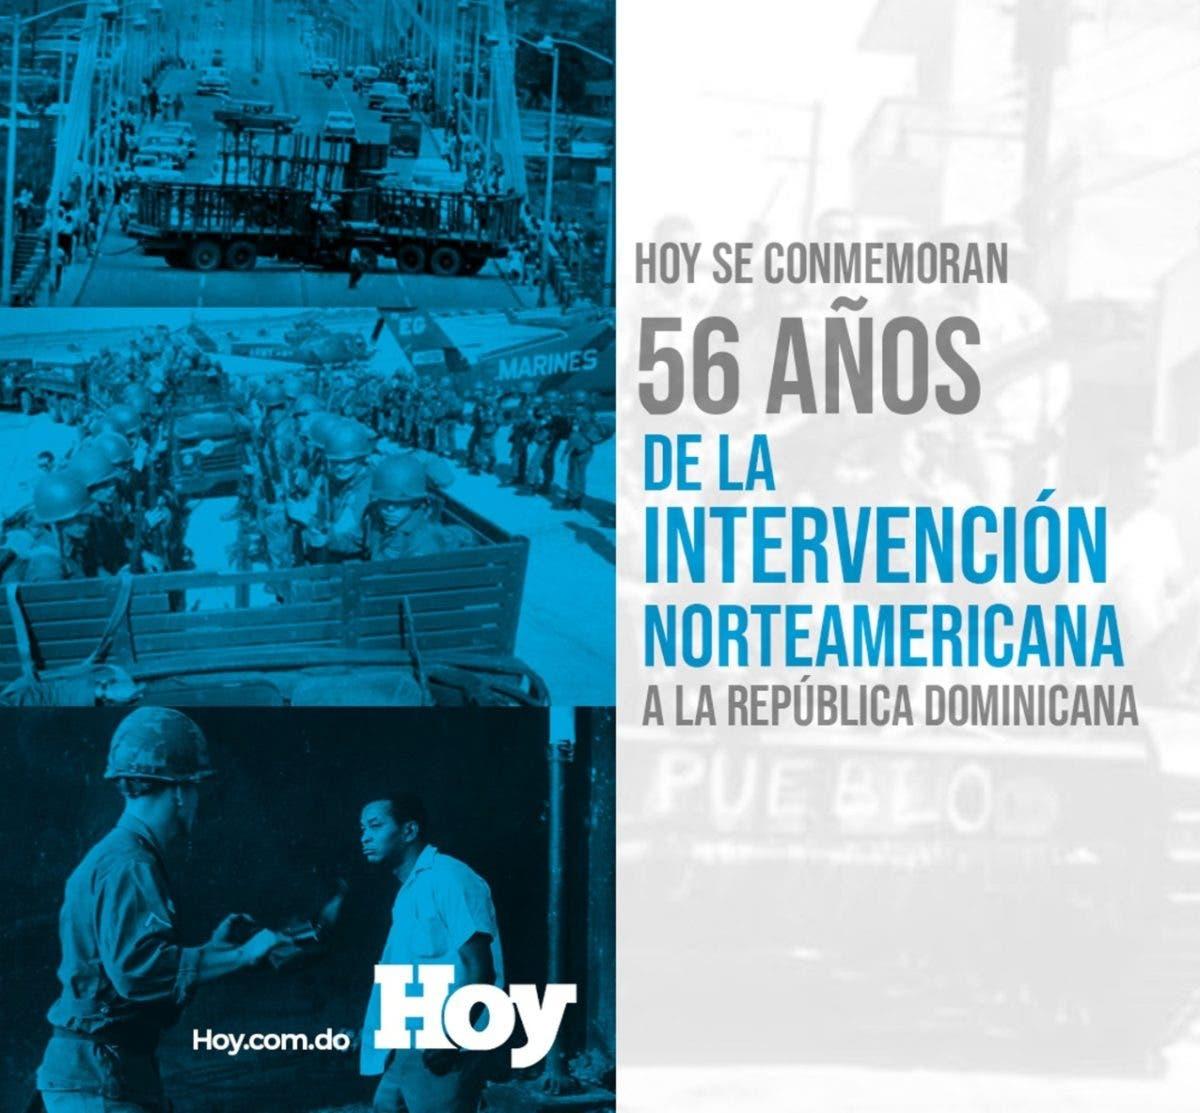 Hoy se conmemoran 56 años de la intervención norteamericana en RD